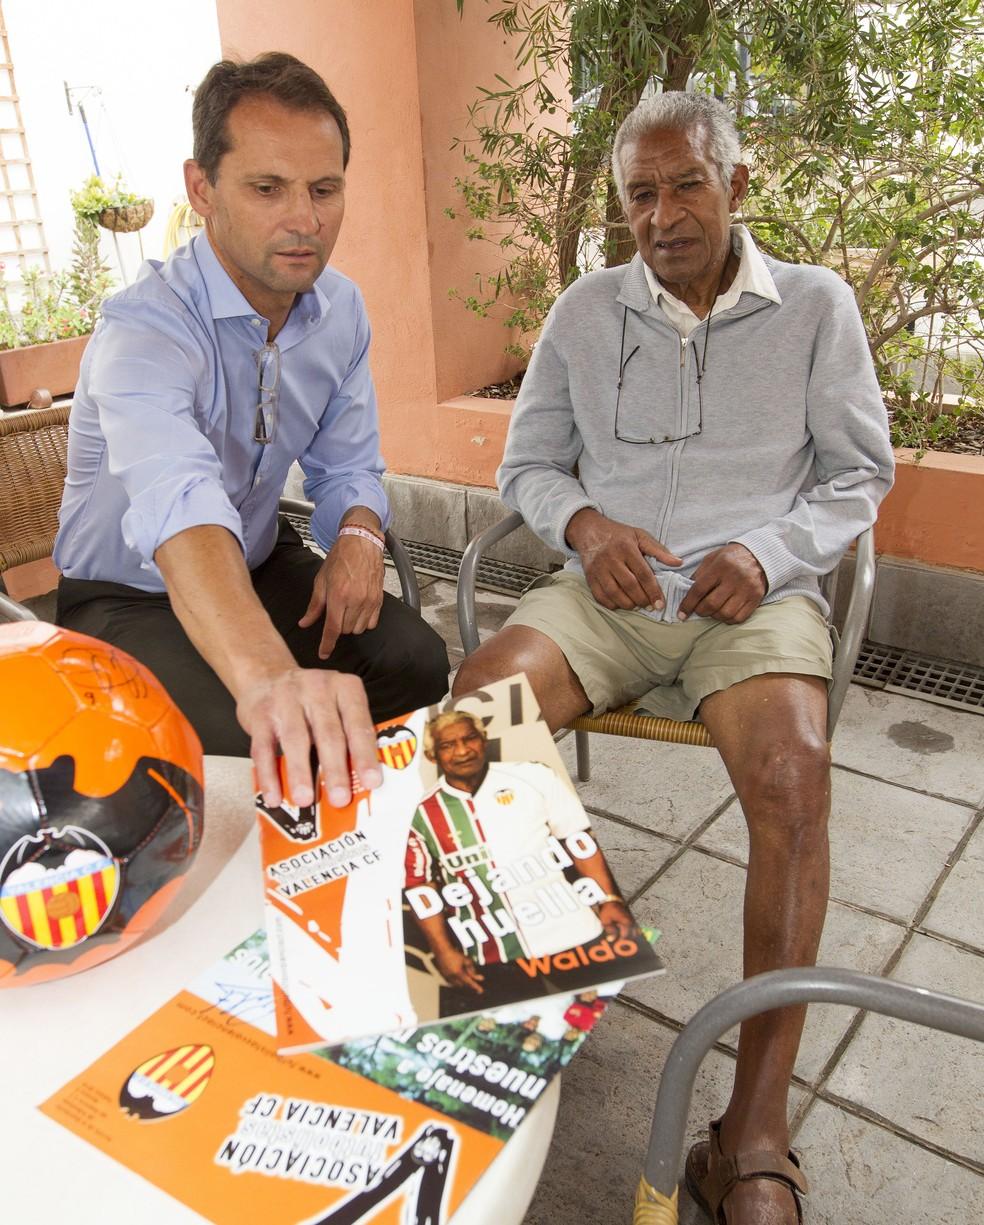 Waldo recebe atenção de Fernando Giner, presidente da Associação de Ex-jogadores do Valencia (Foto: Alberto Iranzo)